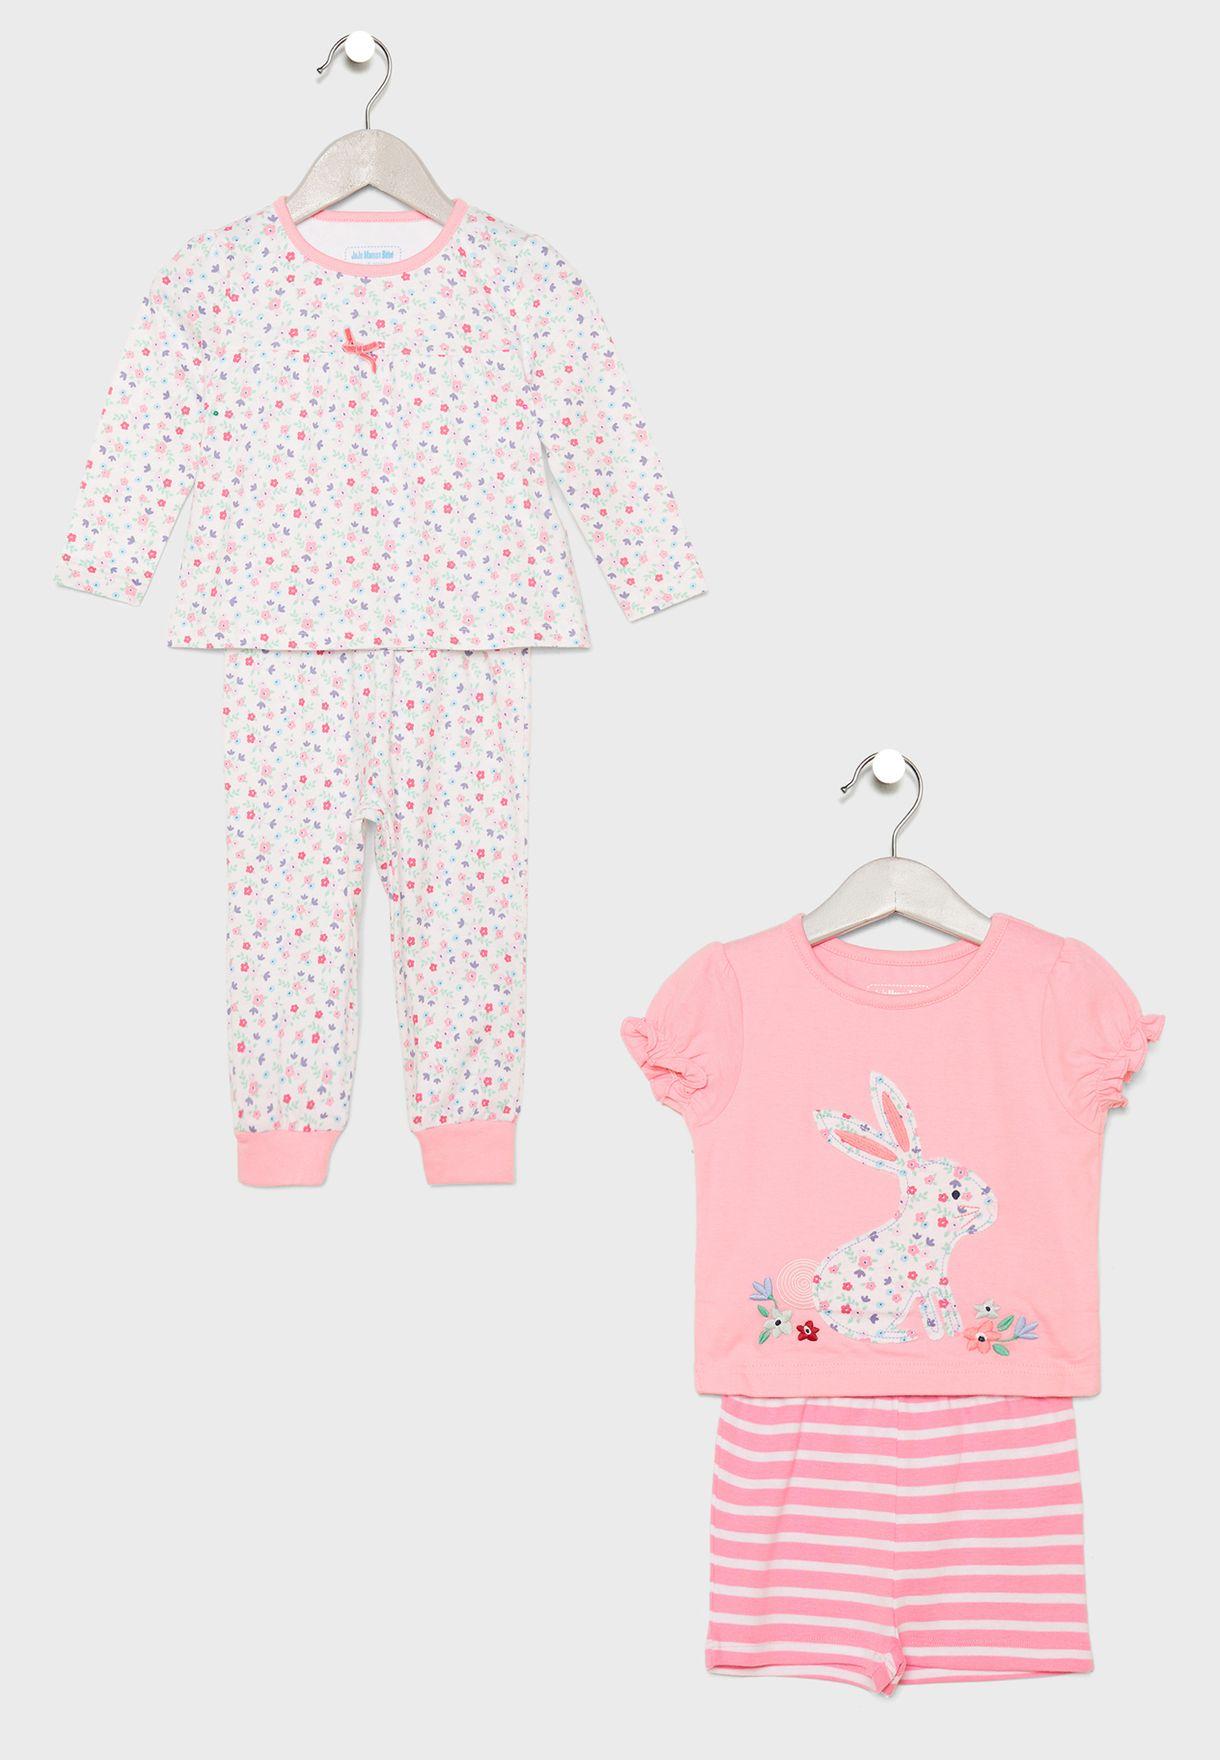 e12c37373ec77 Shop Jojo Maman Bebe prints Kids 2 Pack Printed Pyjama Set E1110 for Kids  in UAE - 11128AT21ZGP